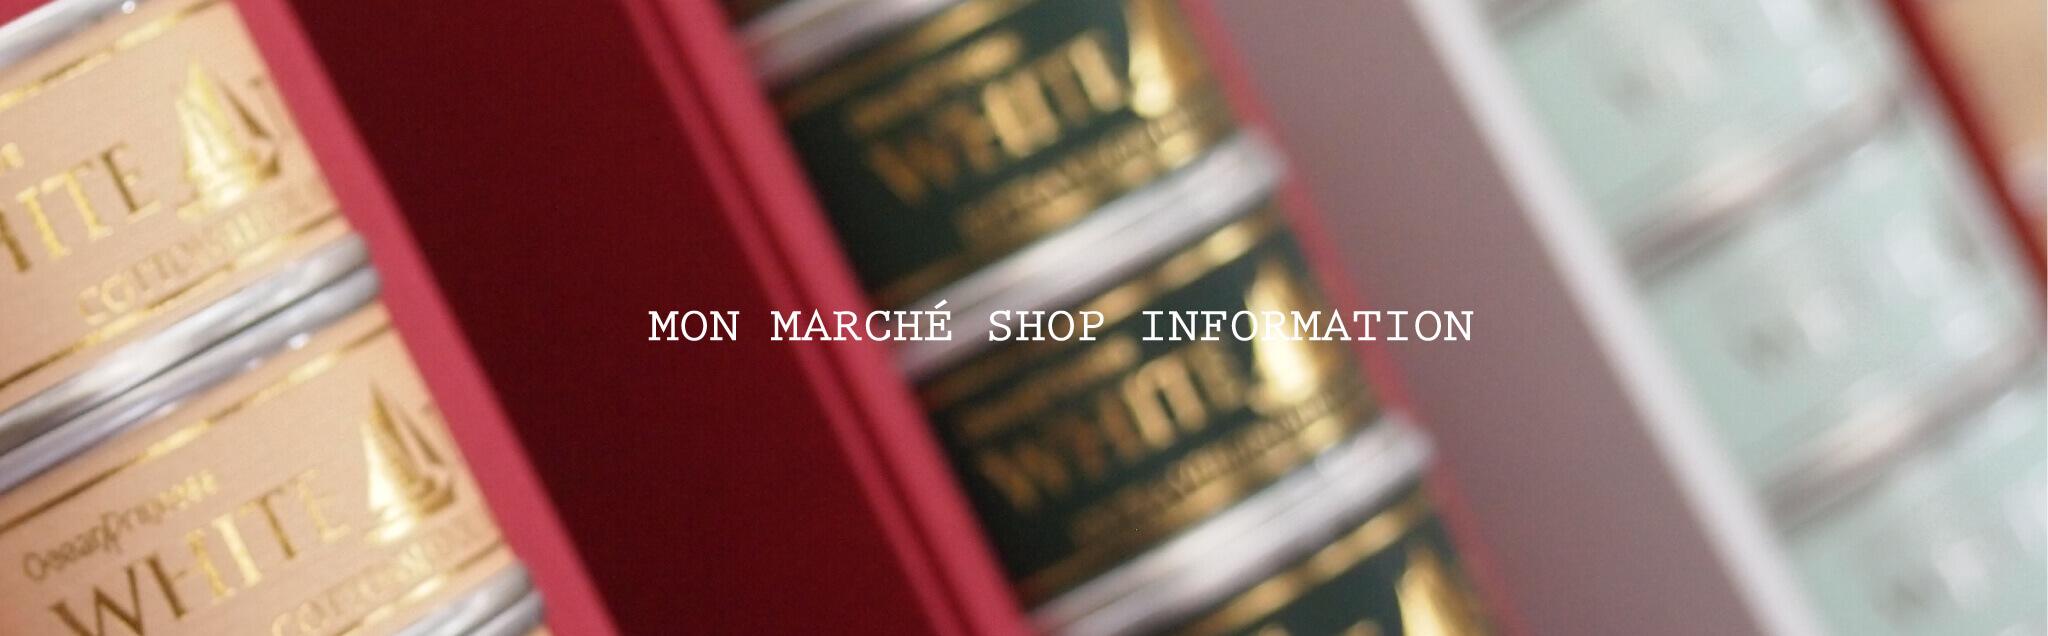 MON MARCHÉ SHOP INFORMATION